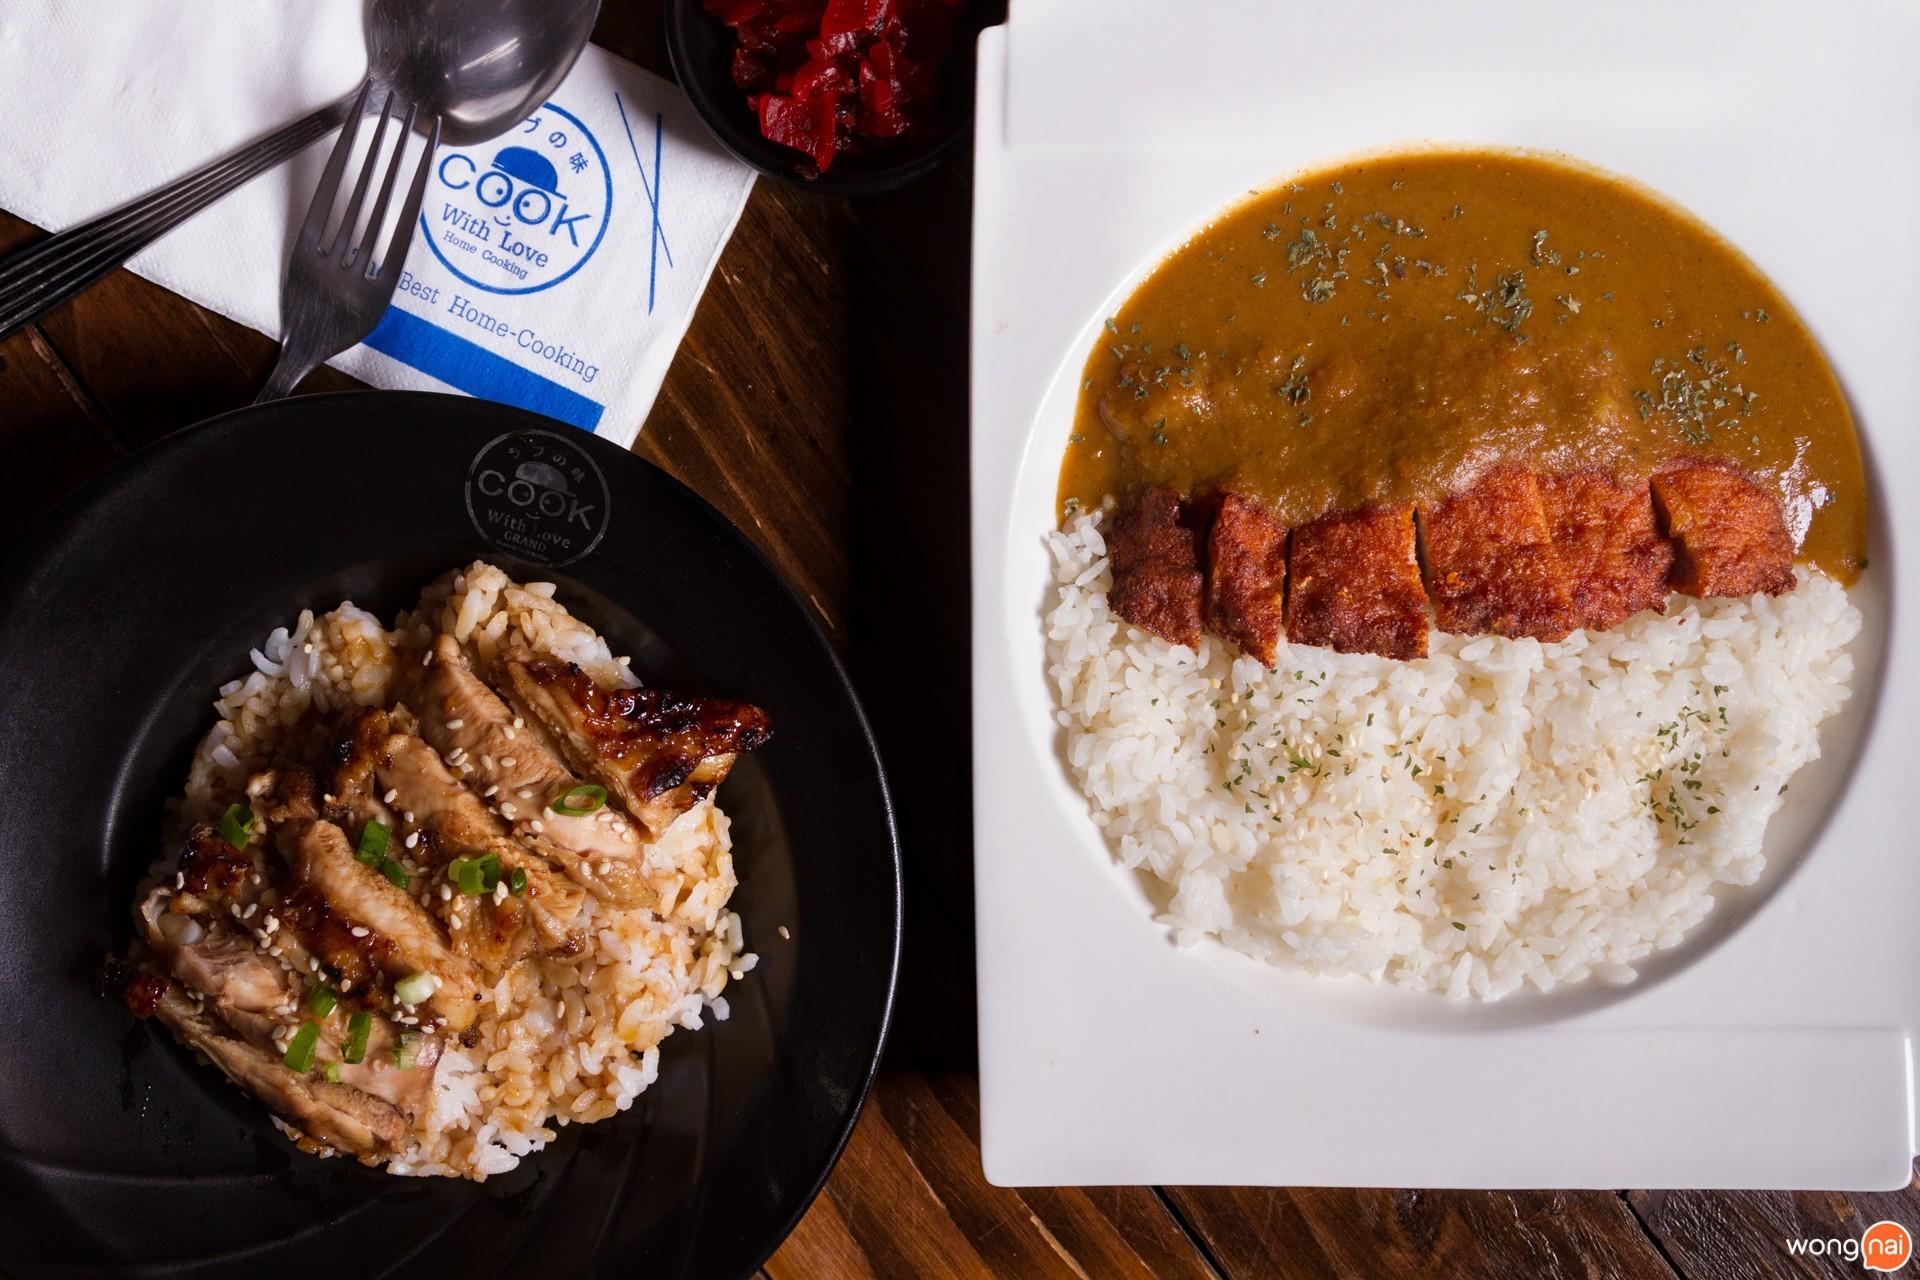 เมนู ข้าว ร้าน Kita Yakitori & Grilled Seafood เชียงใหม่